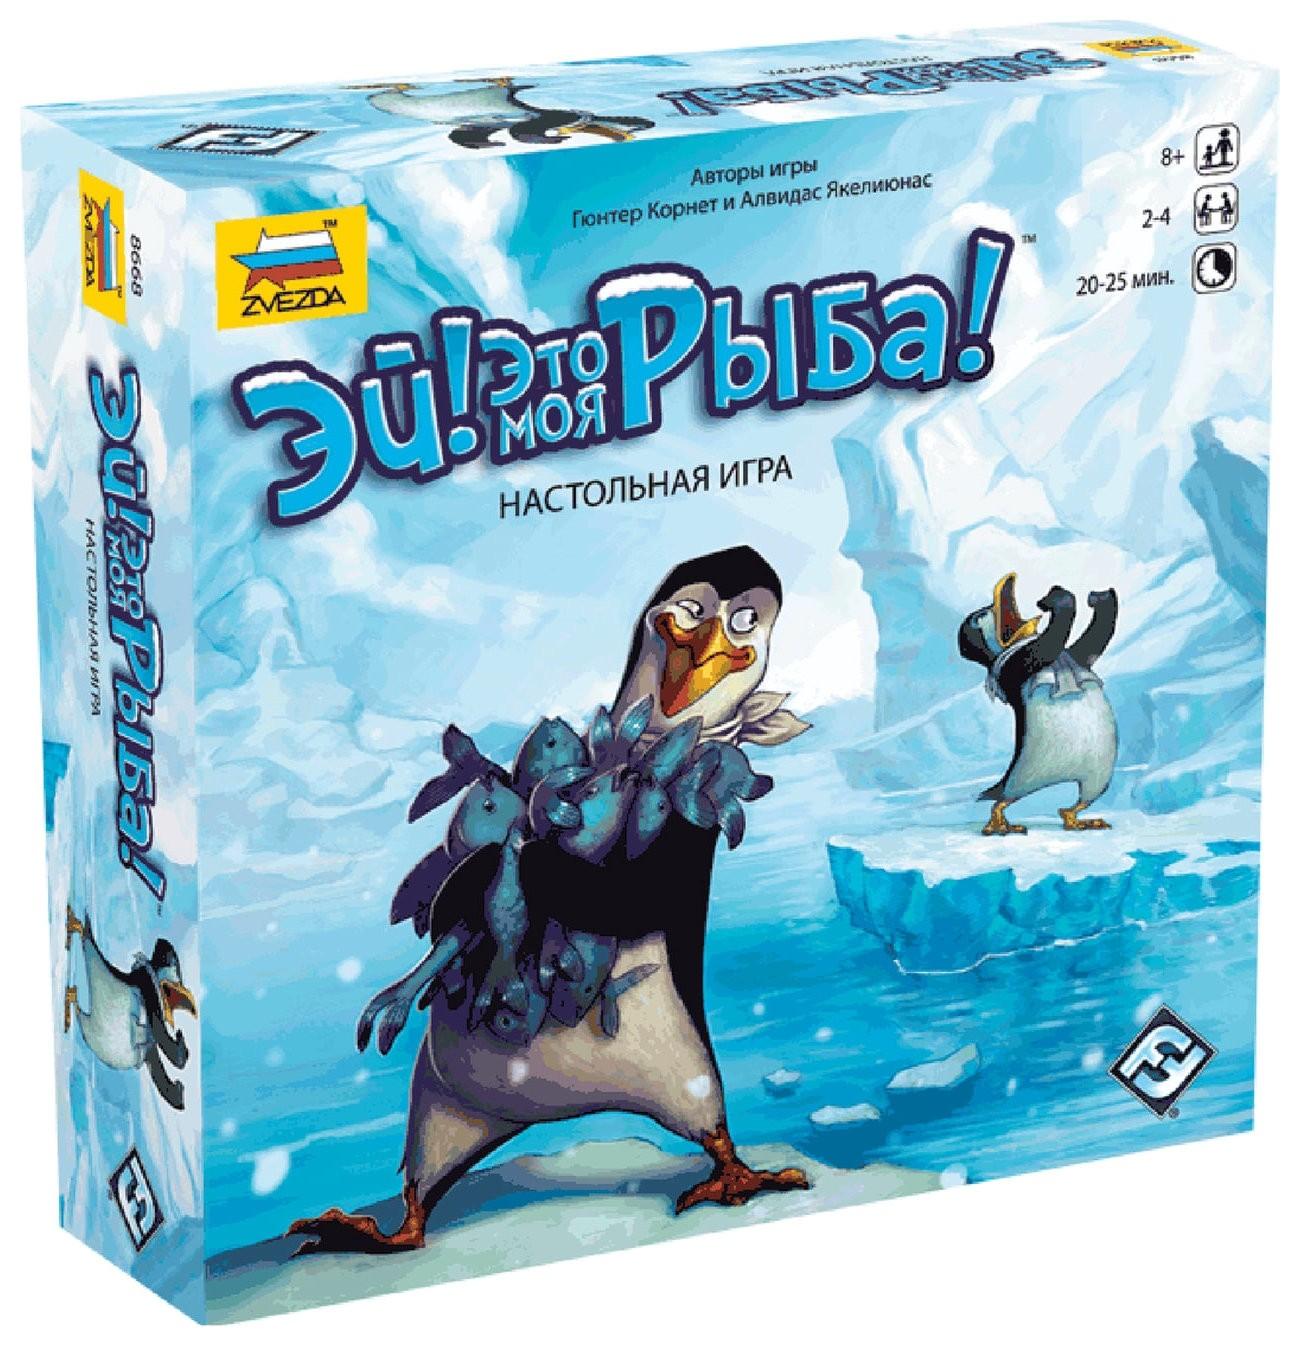 Игра настольная детская Эй, это моя рыба!, фишки, жетоны, звезда, 8668 Звезда